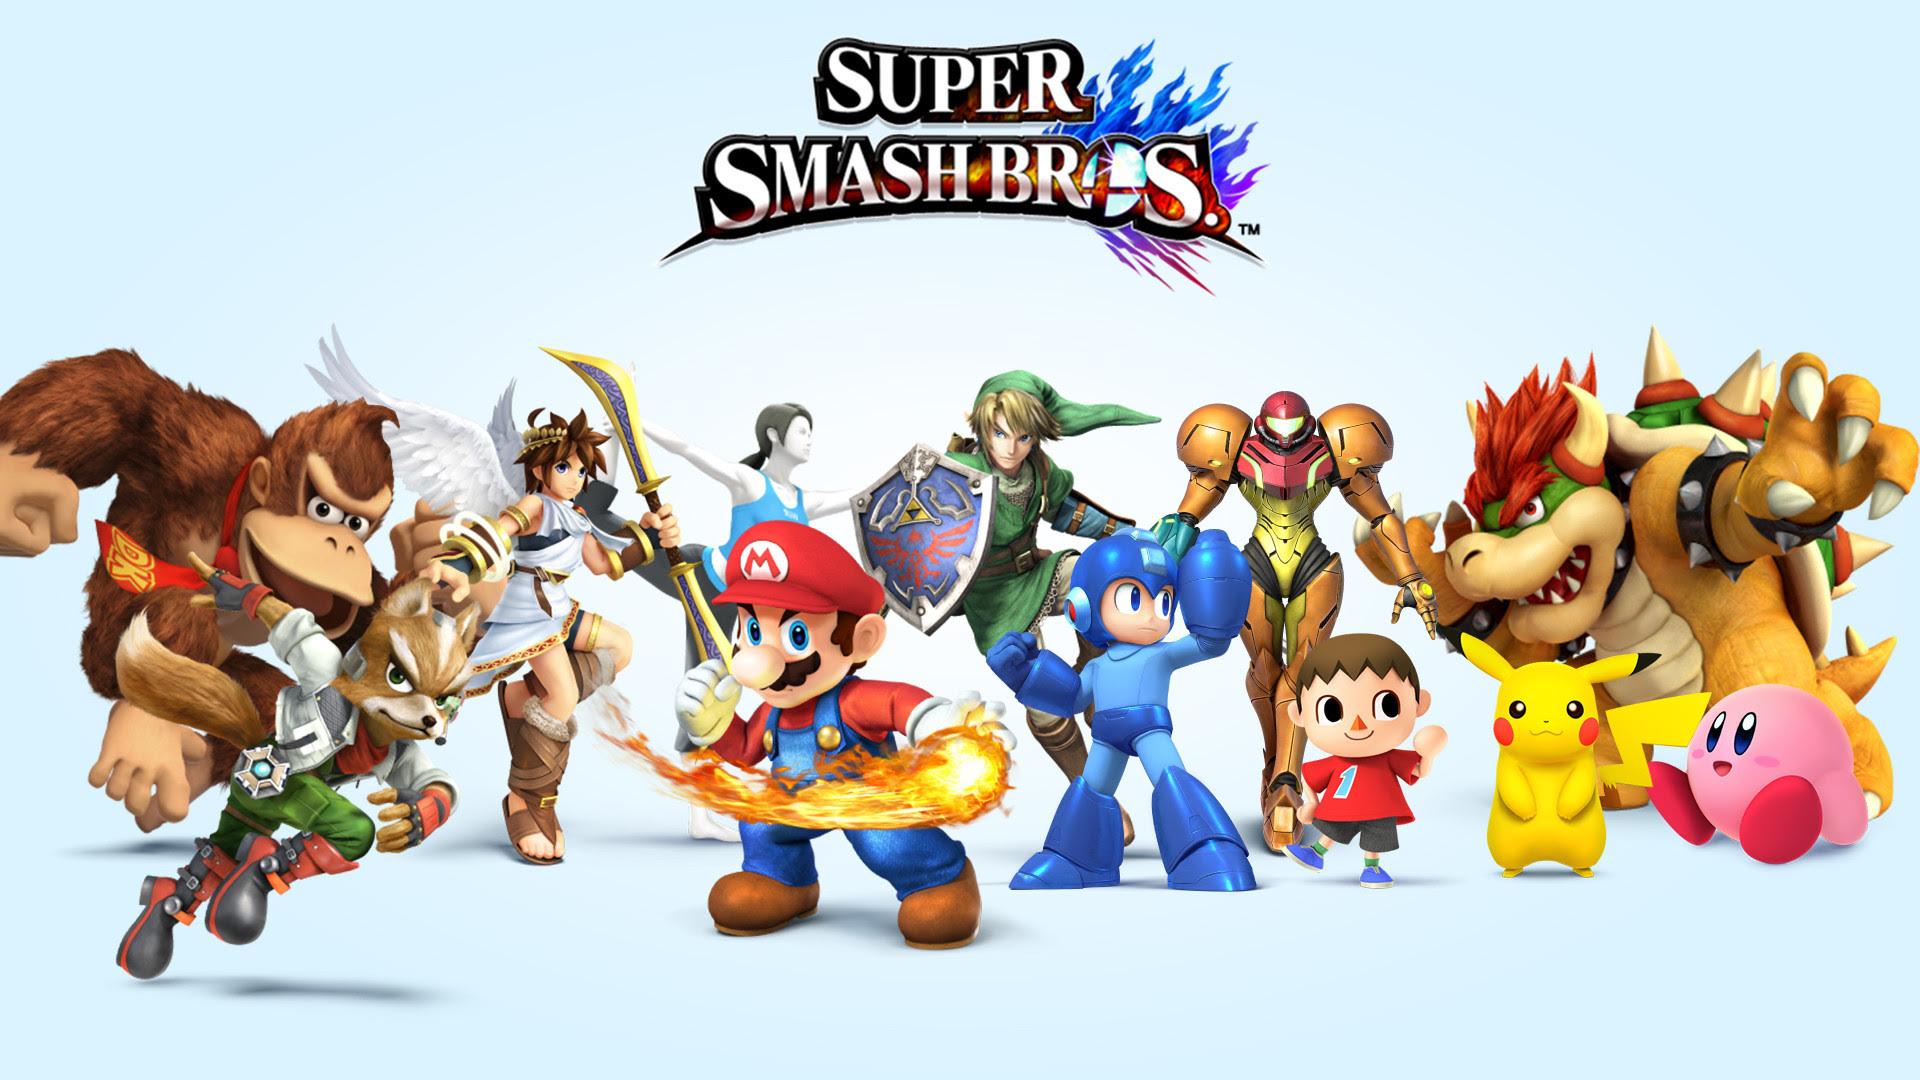 Super Smash Bros Hd Wallpaper 76 Images